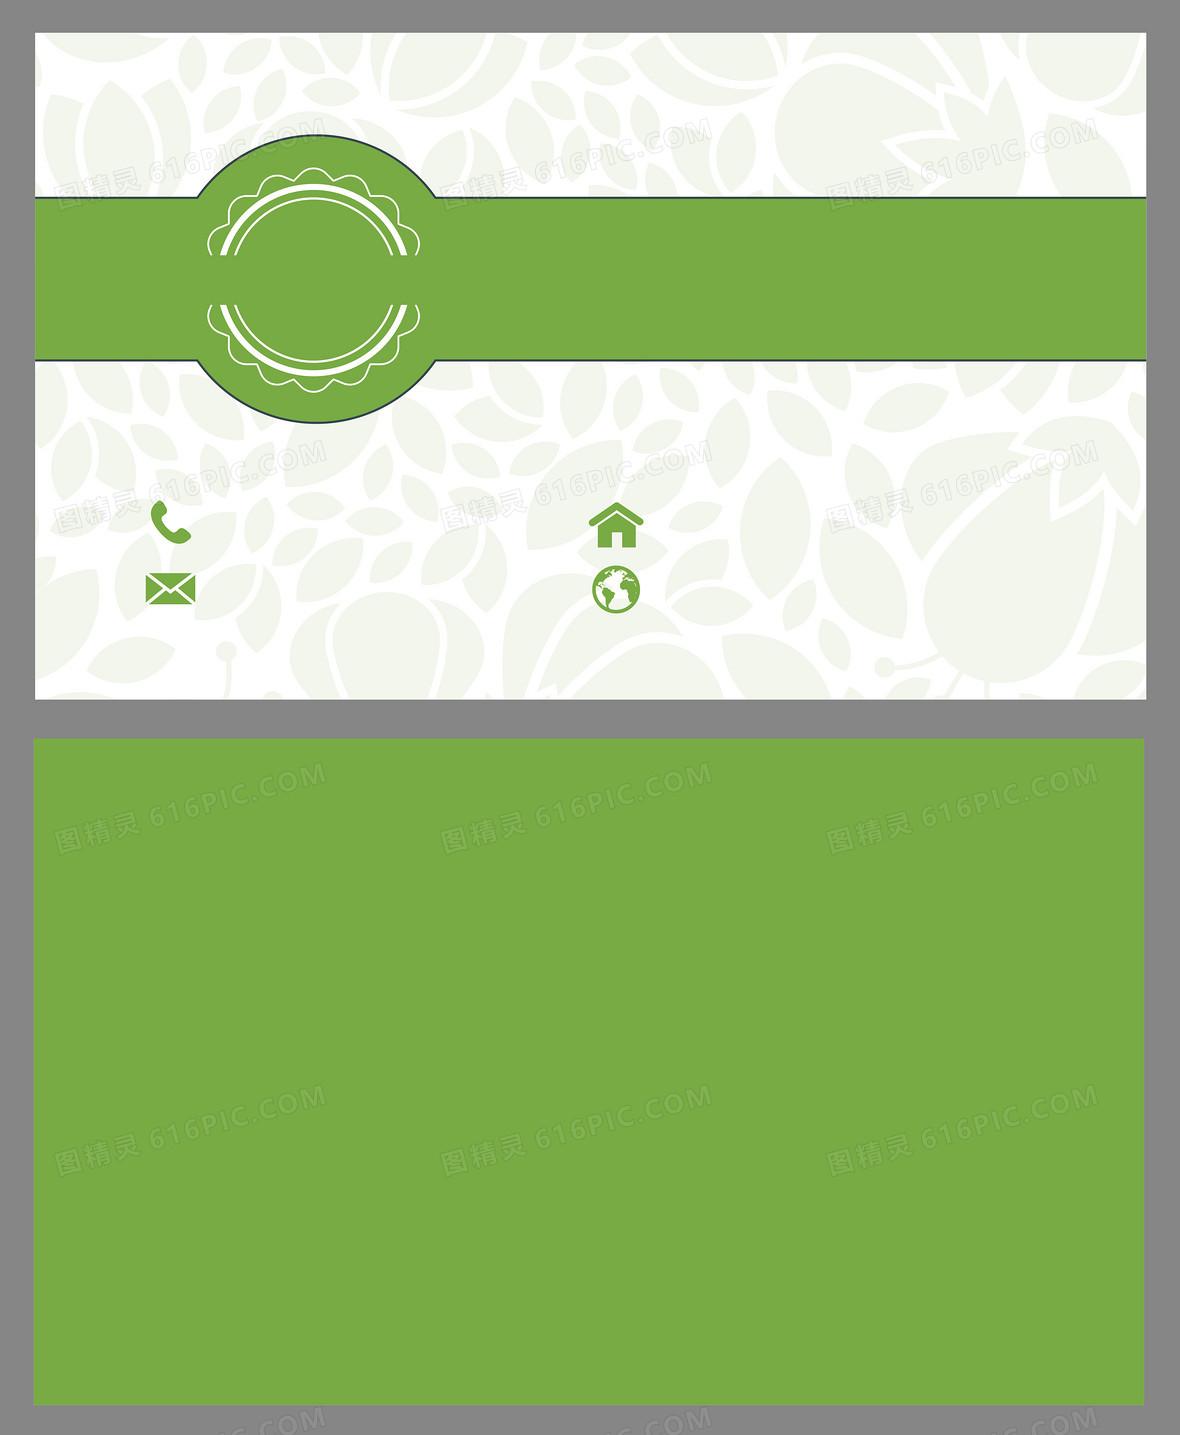 绿色小清新花纹底纹矢量扁平名片背景素材